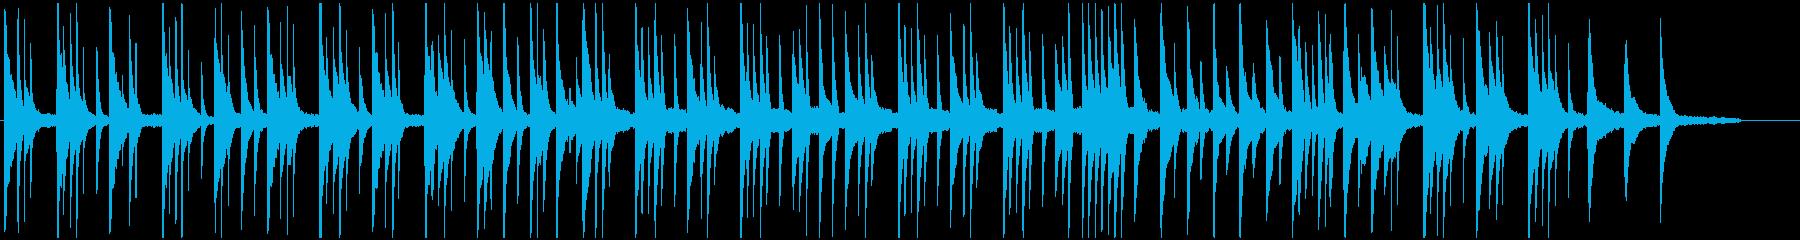 さびしく一人で考え込んでいる場面のBGMの再生済みの波形